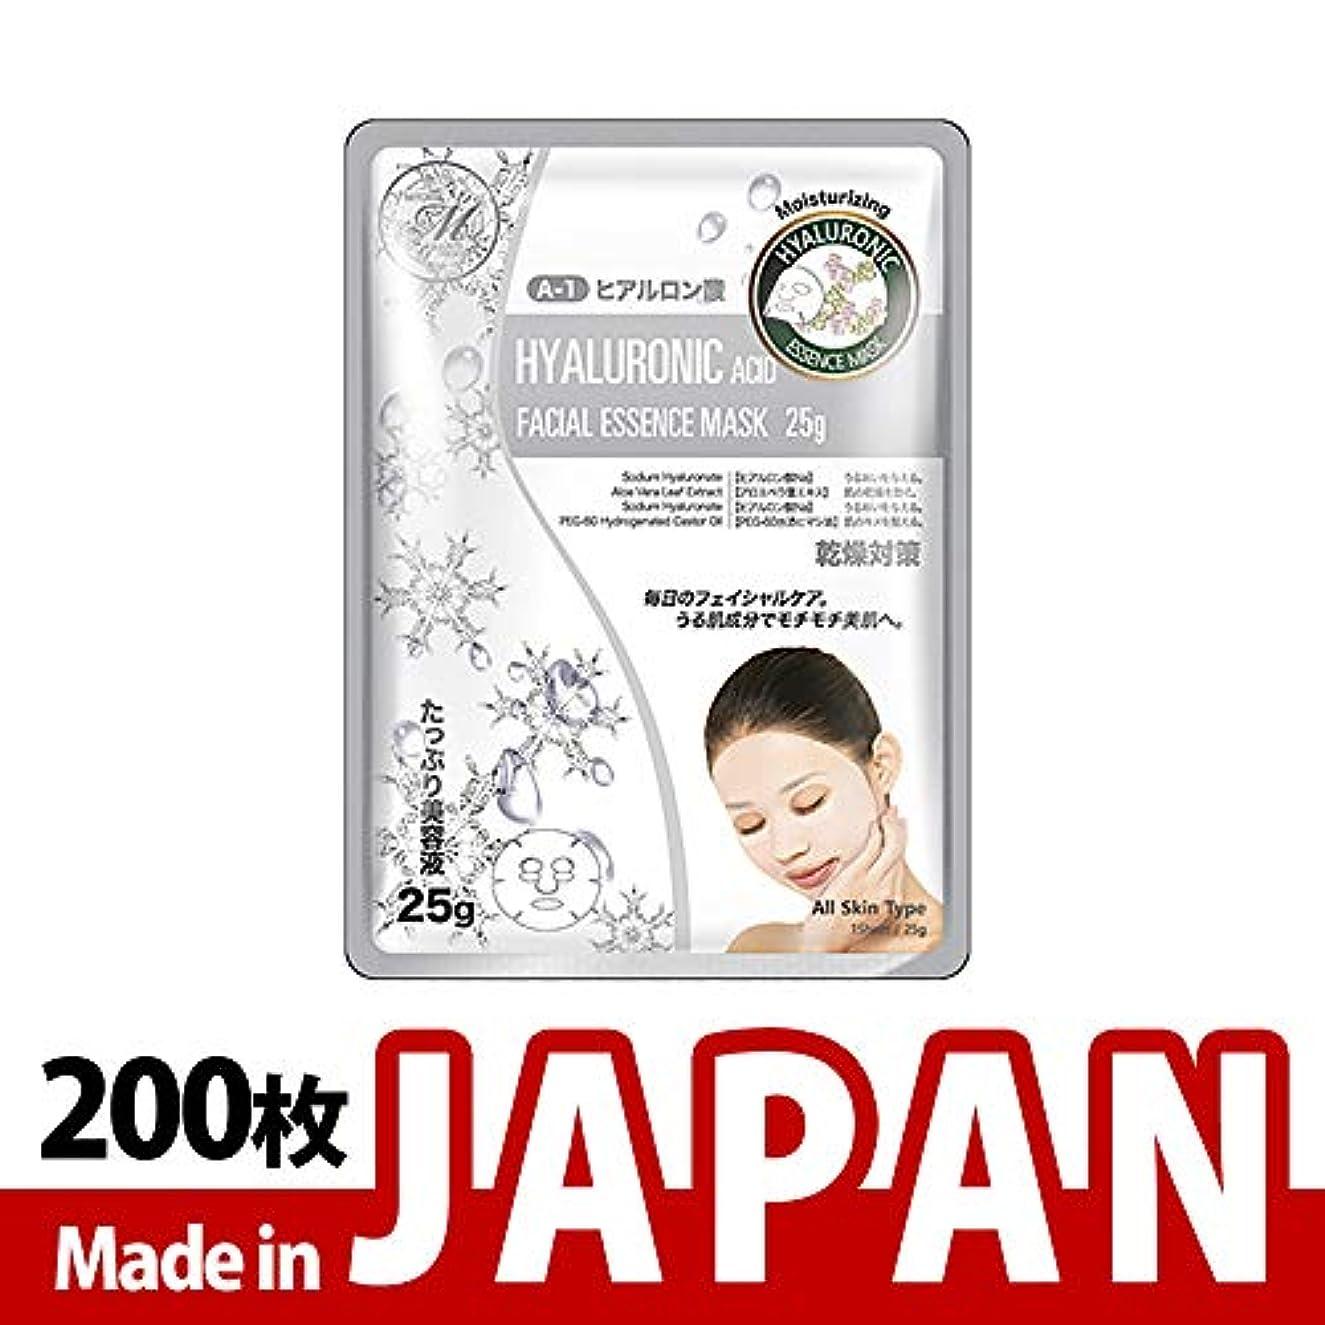 最終的にアメリカスマッシュMITOMO日本製【MT512-A-1】シートマスク/10枚入り/200枚/美容液/マスクパック/送料無料